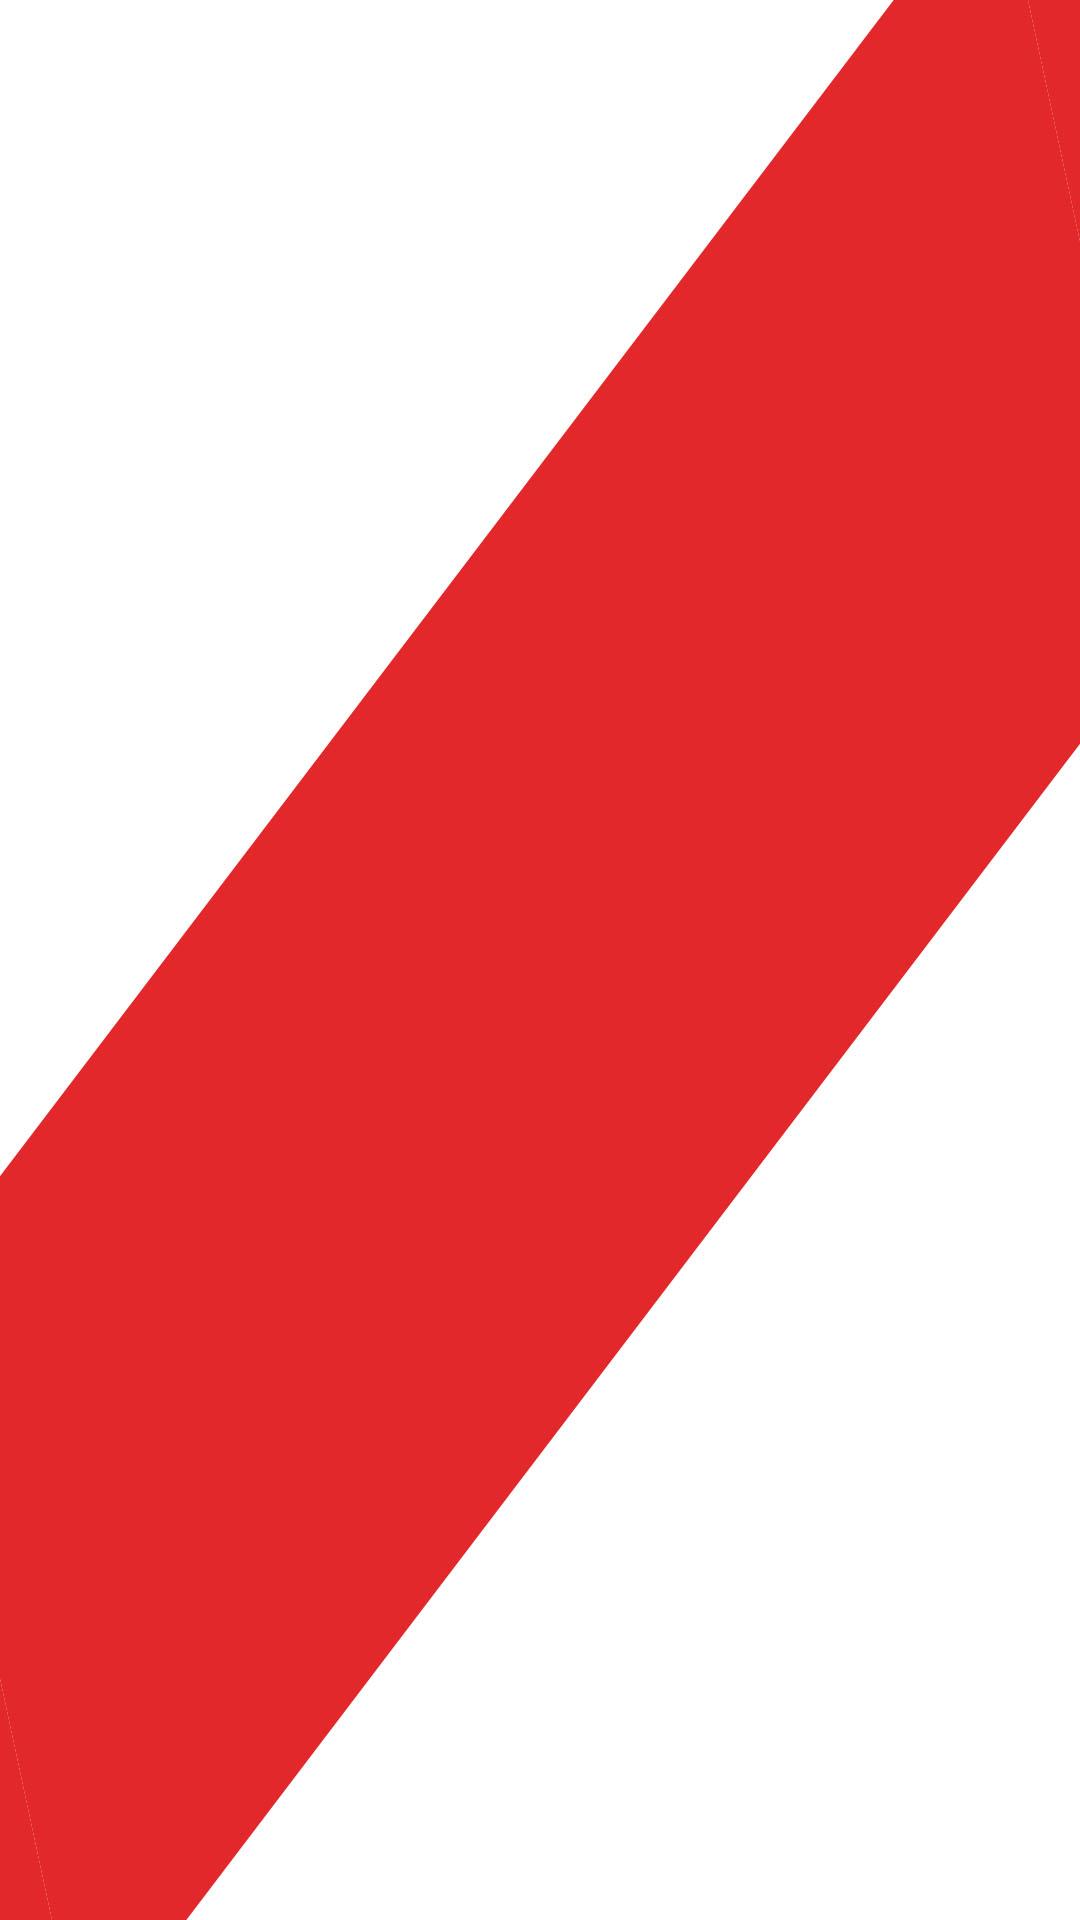 Descarga fondo de pantalla celular river plate banda roja for Fondos de pantalla de futbol para celular